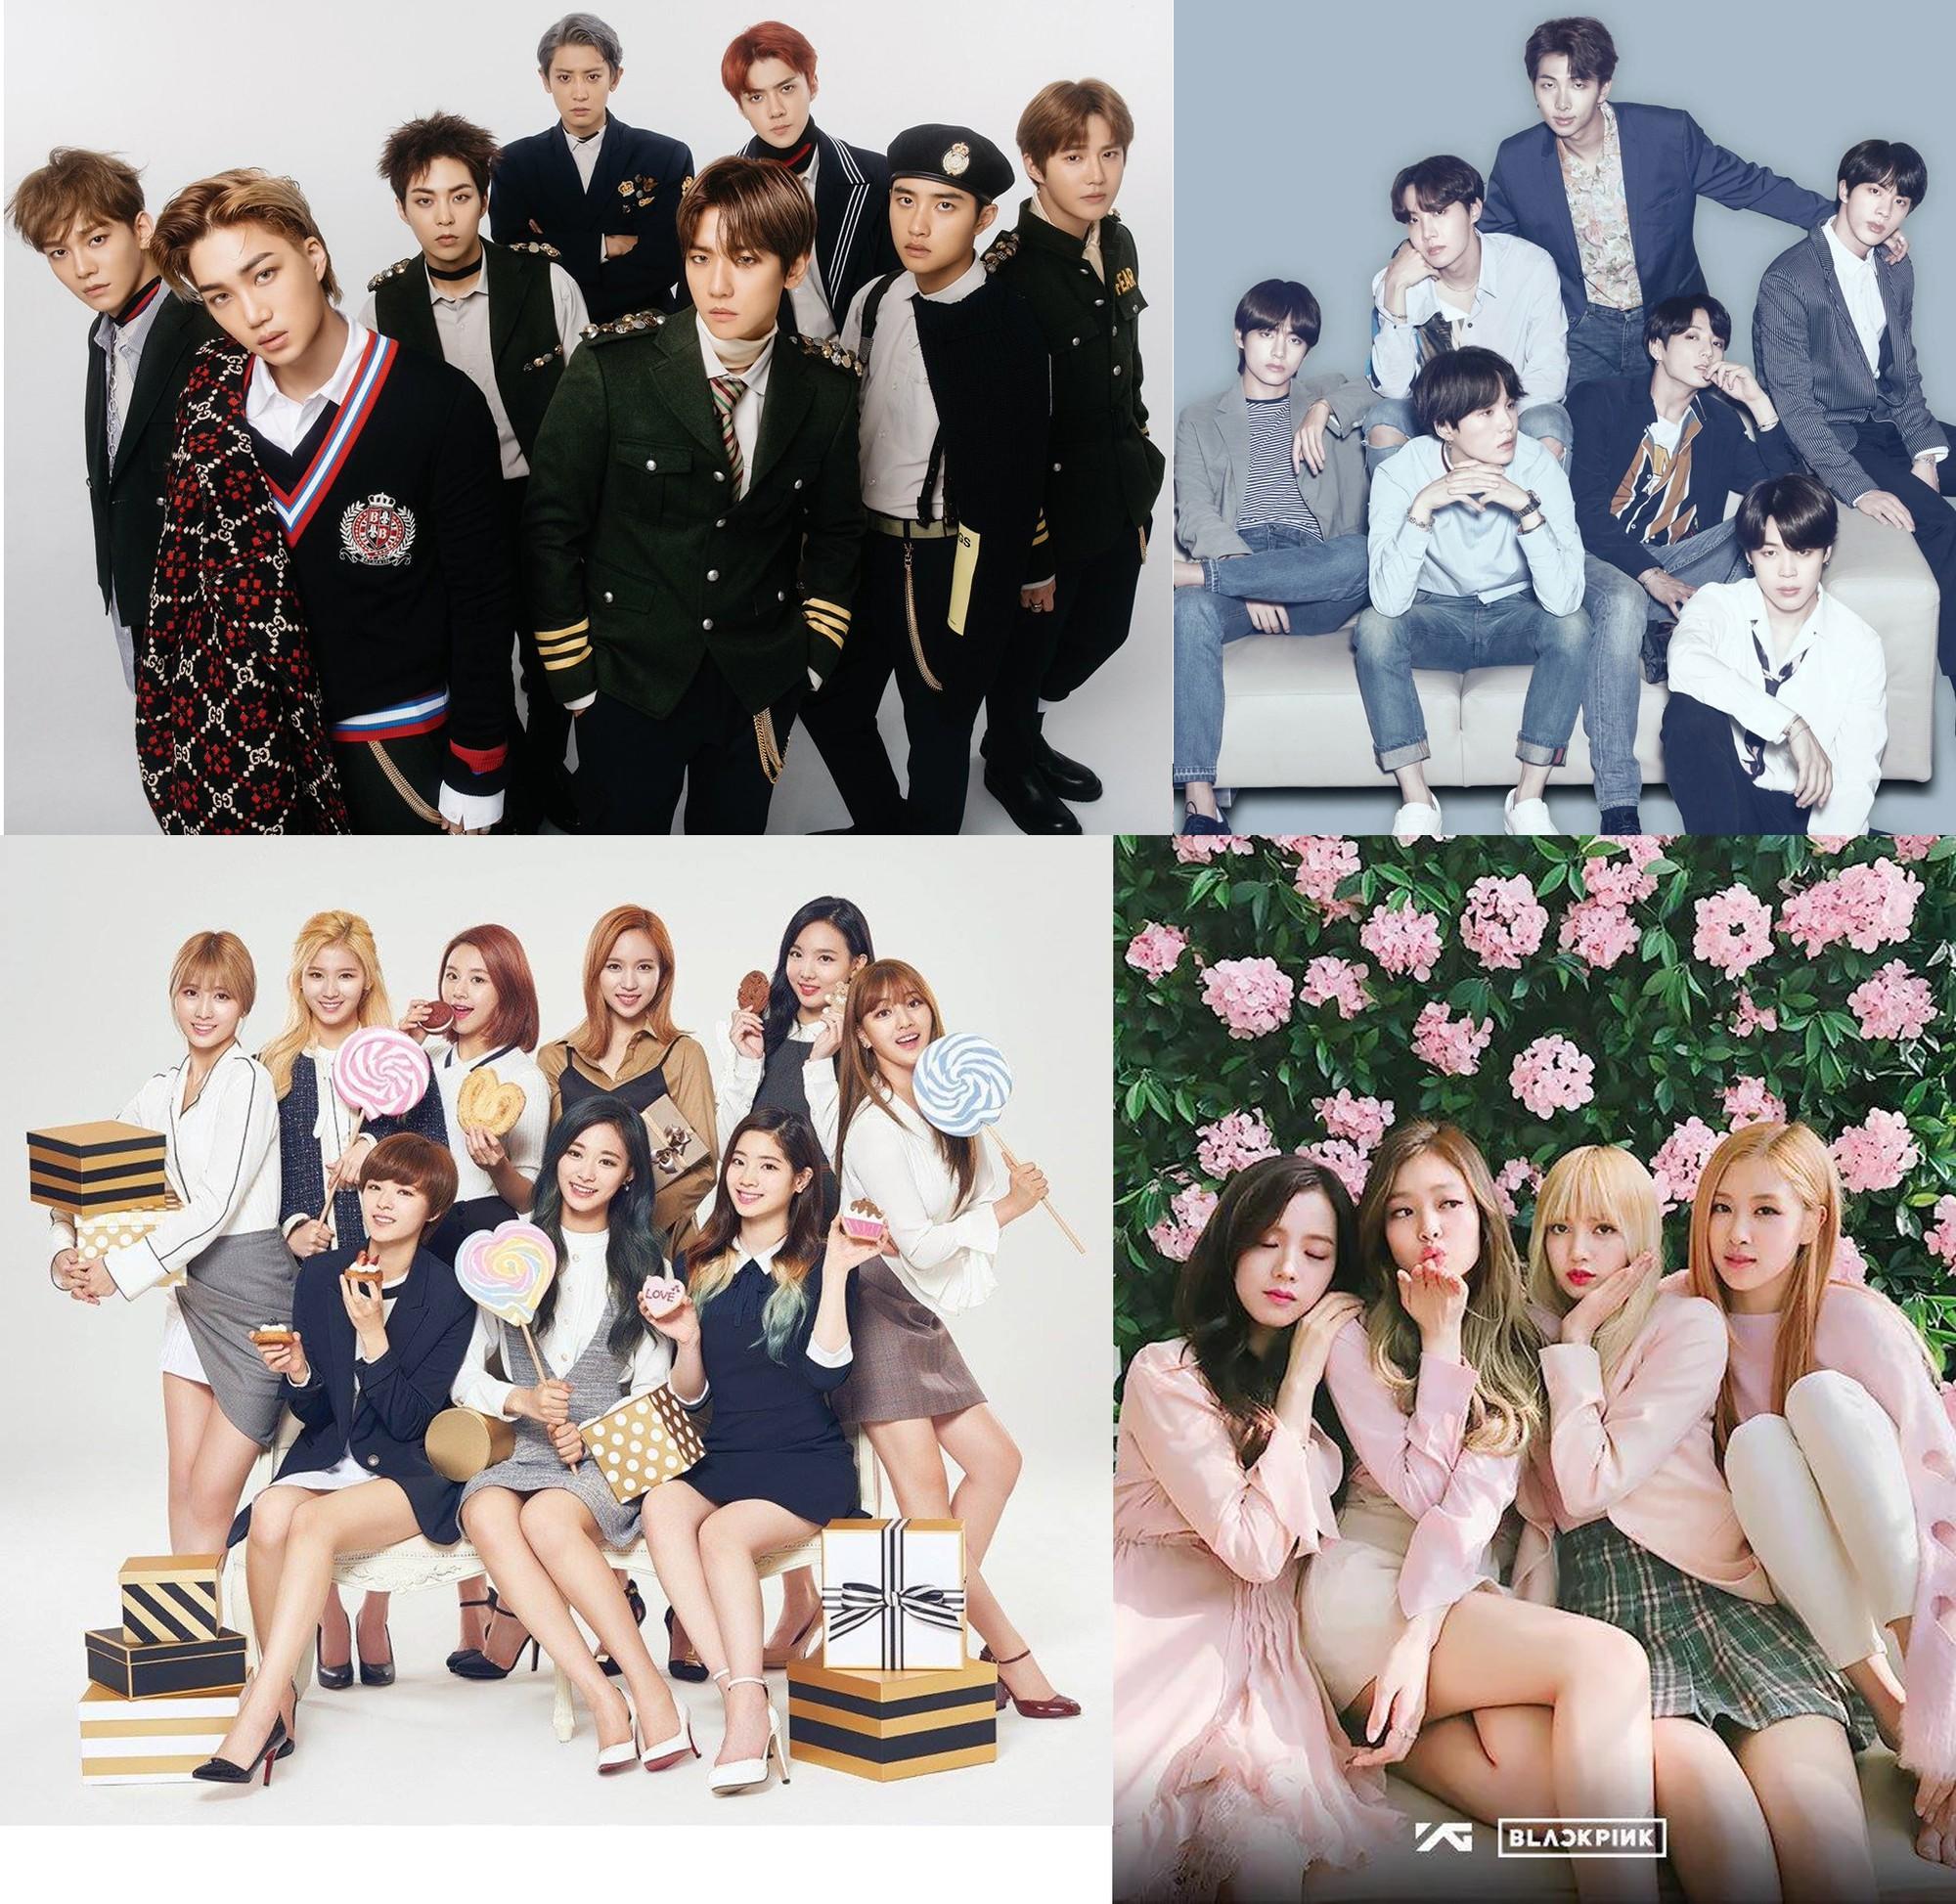 Mặt trái bị phơi bày, ngành giải trí Kpop đang đối mặt với cuộc khủng hoảng niềm tin trên diện rộng - Ảnh 8.